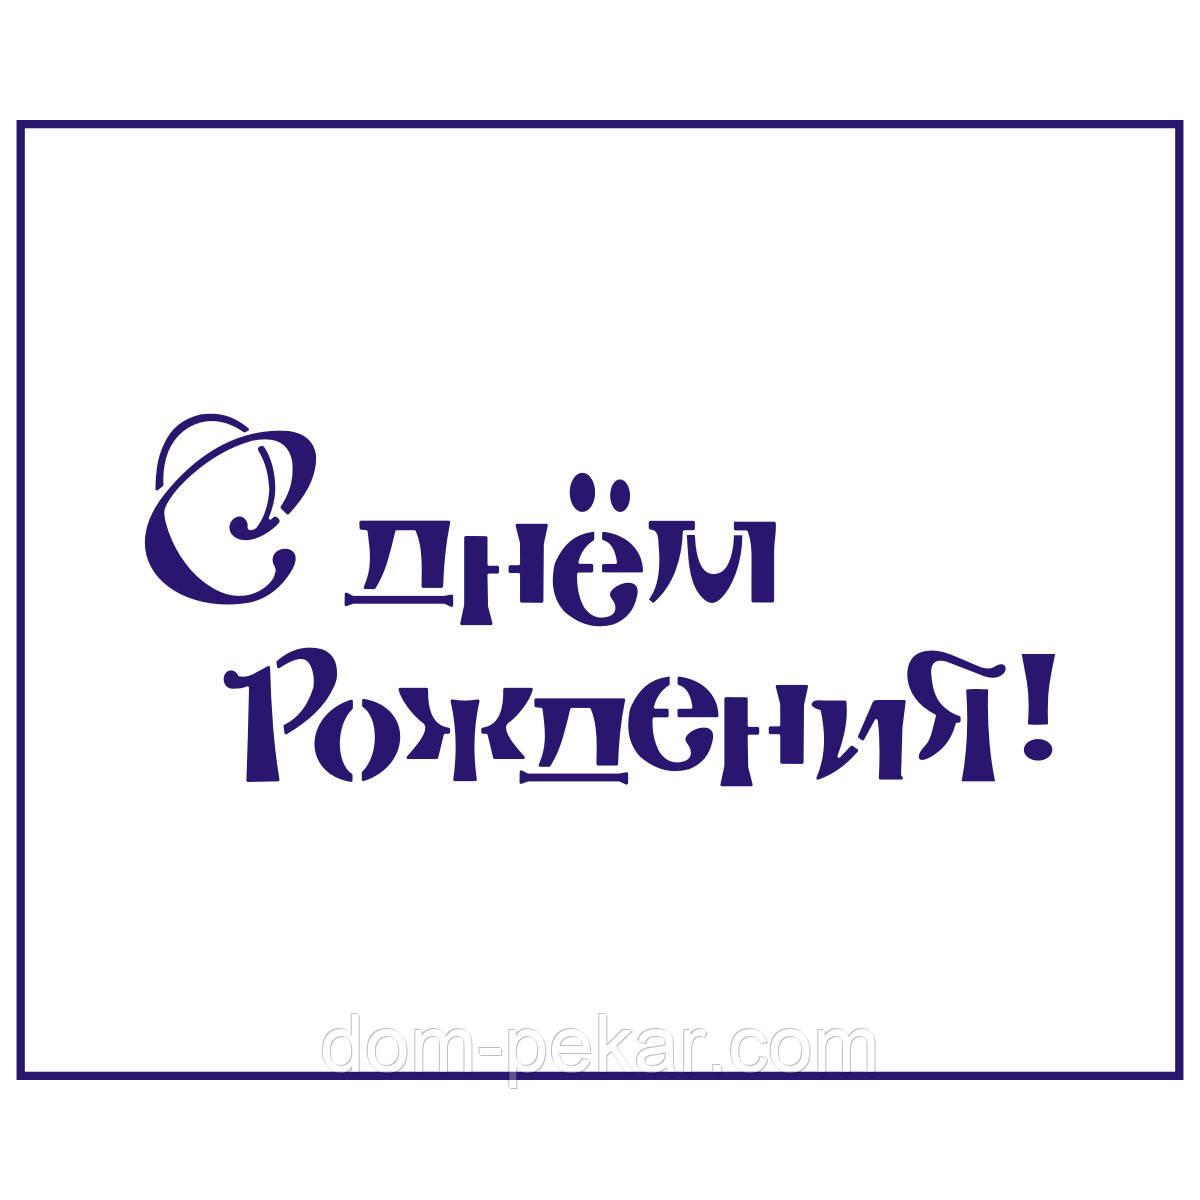 Трафарет С Днем Рождения-2 11 см (TR-1)